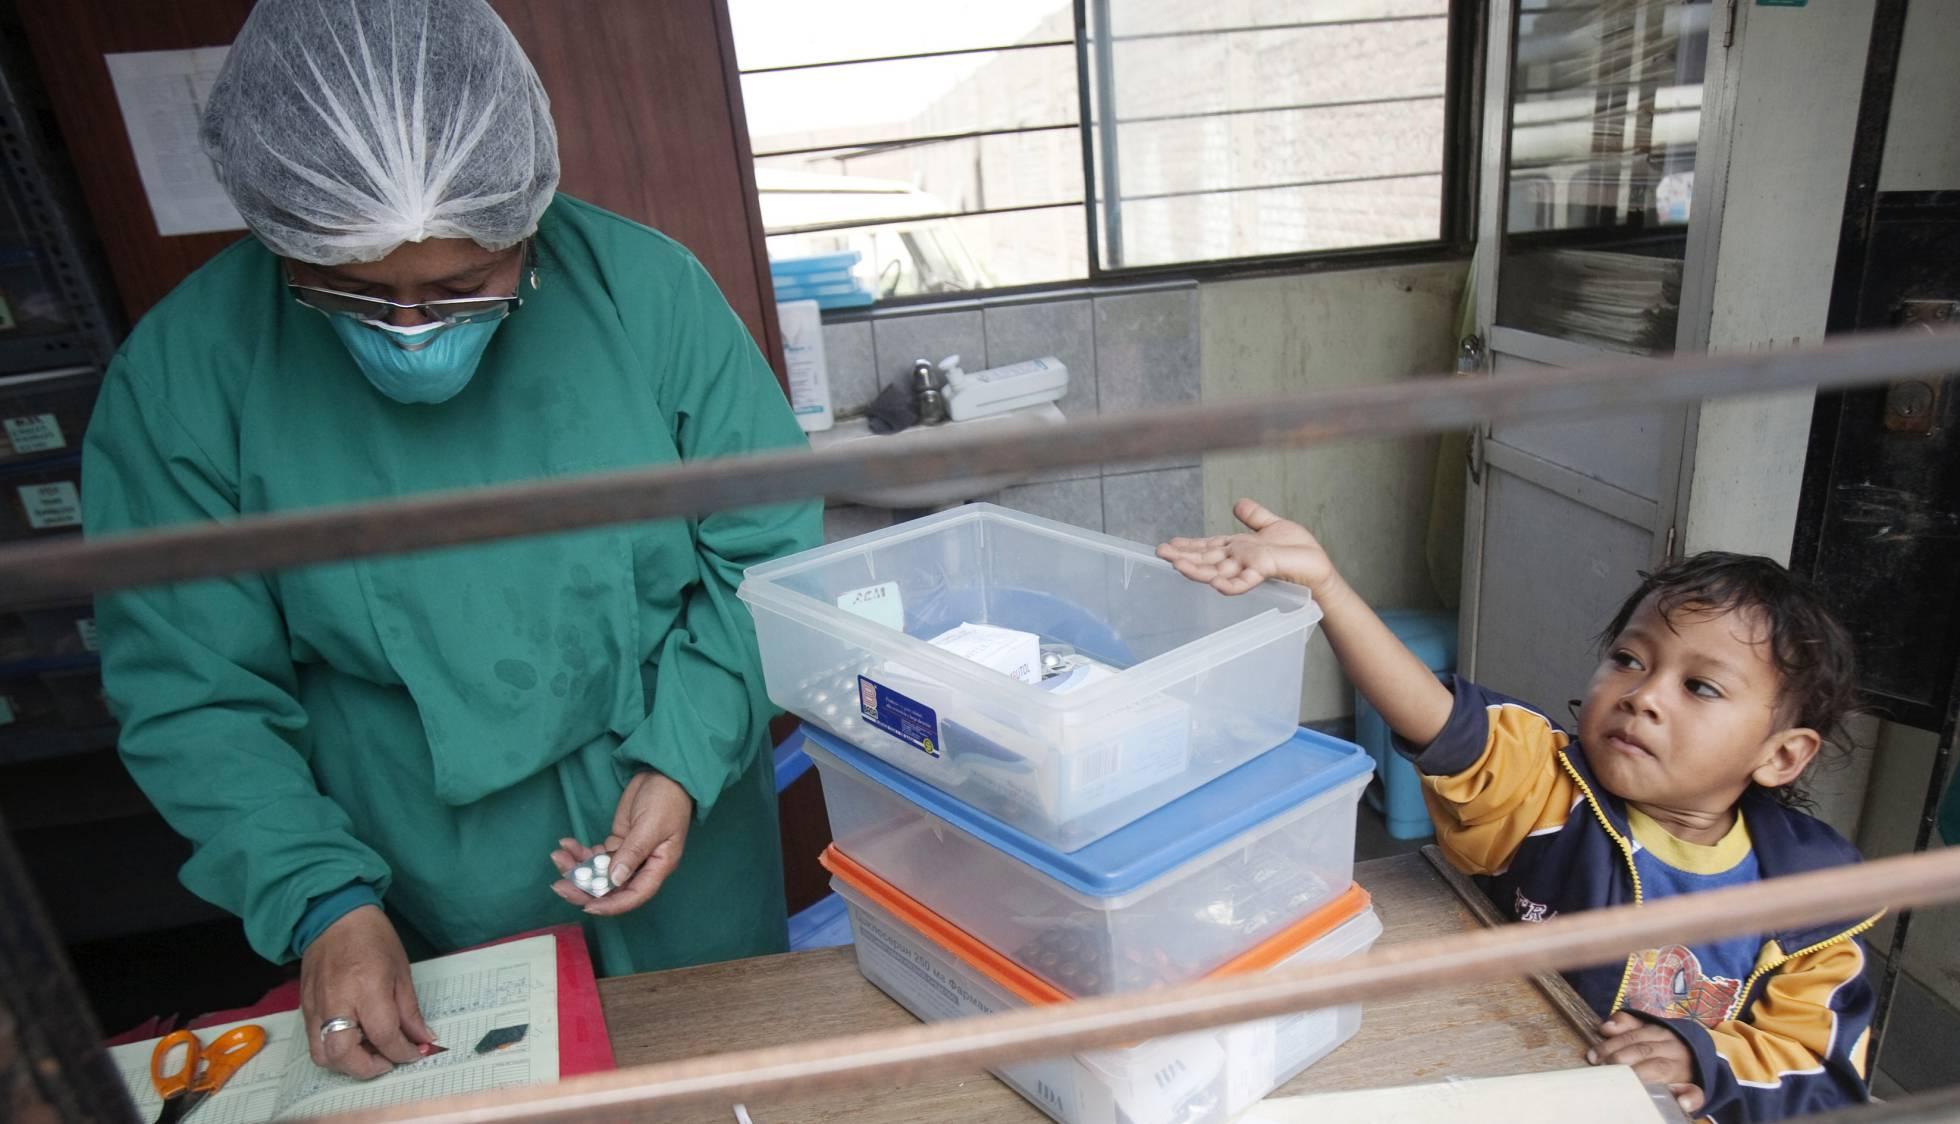 n niño con tuberculosis tiende la mano para coger las píldoras de pie junto a una enfermera en un puesto de salud en las afueras de Lima (Perú) REUTERS